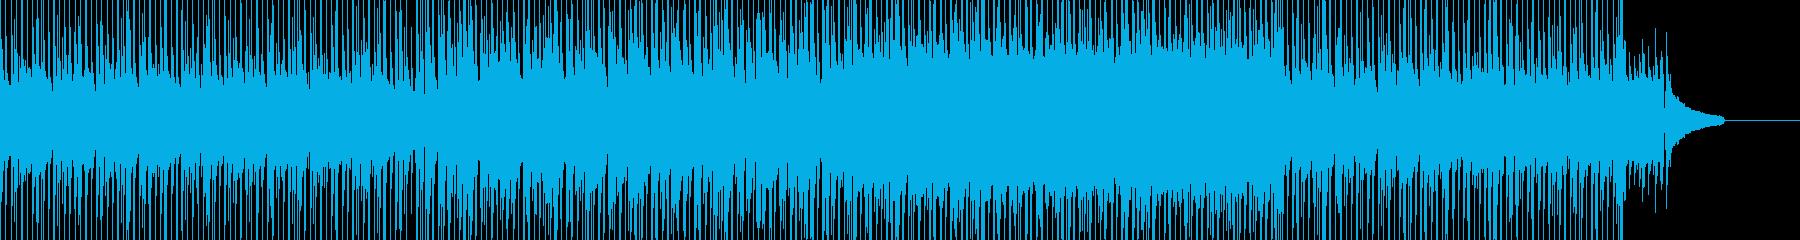 楽しい雰囲気のBGMの再生済みの波形